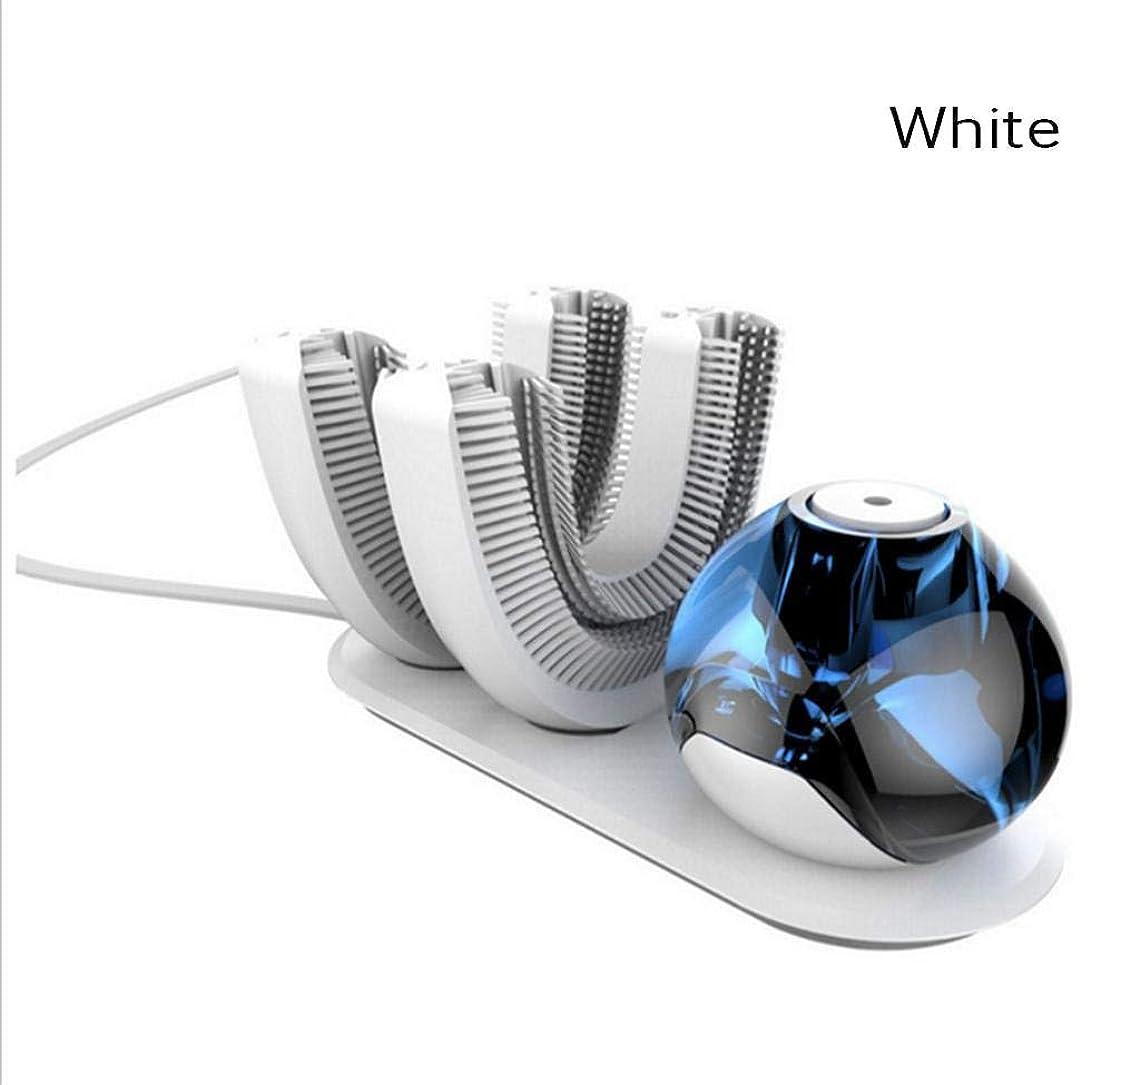 相談する哺乳類郵便屋さん自動歯ブラシ、電動歯ブラシワイヤレス充電式360度自動歯ブラシ、怠惰用(ホワイト)